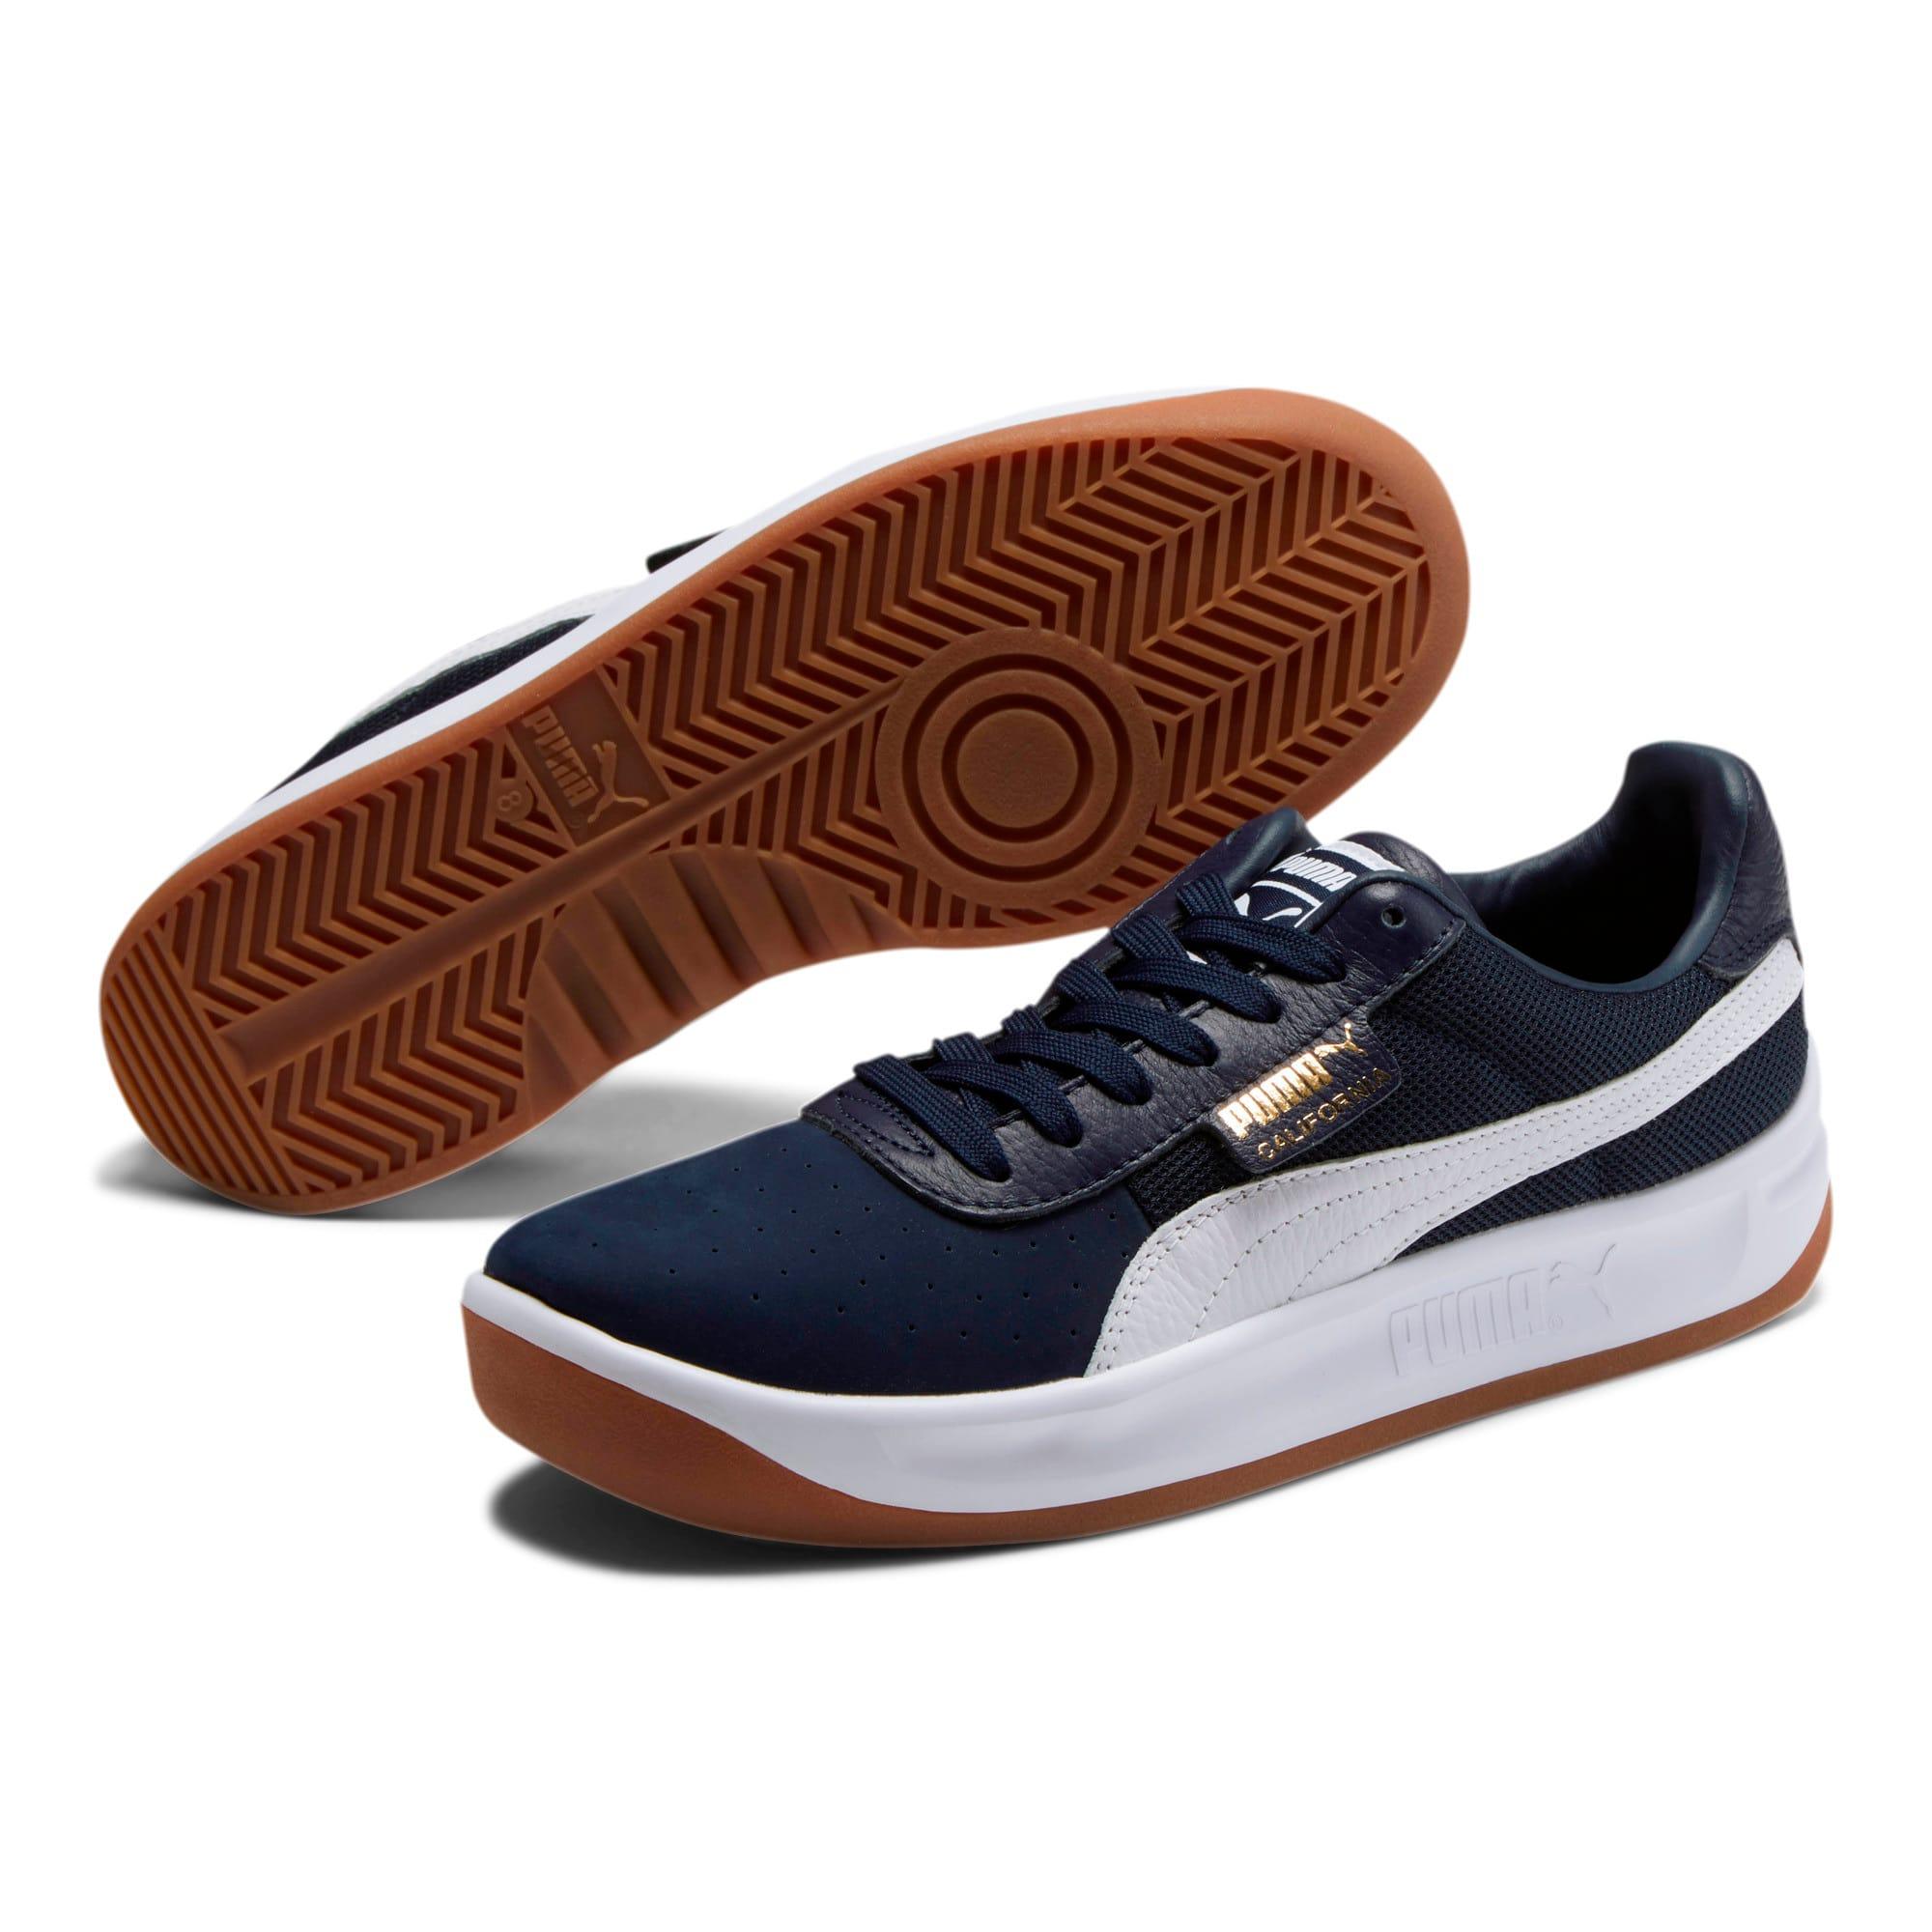 Thumbnail 2 of California Casual Sneakers, Peacoat-Puma White, medium